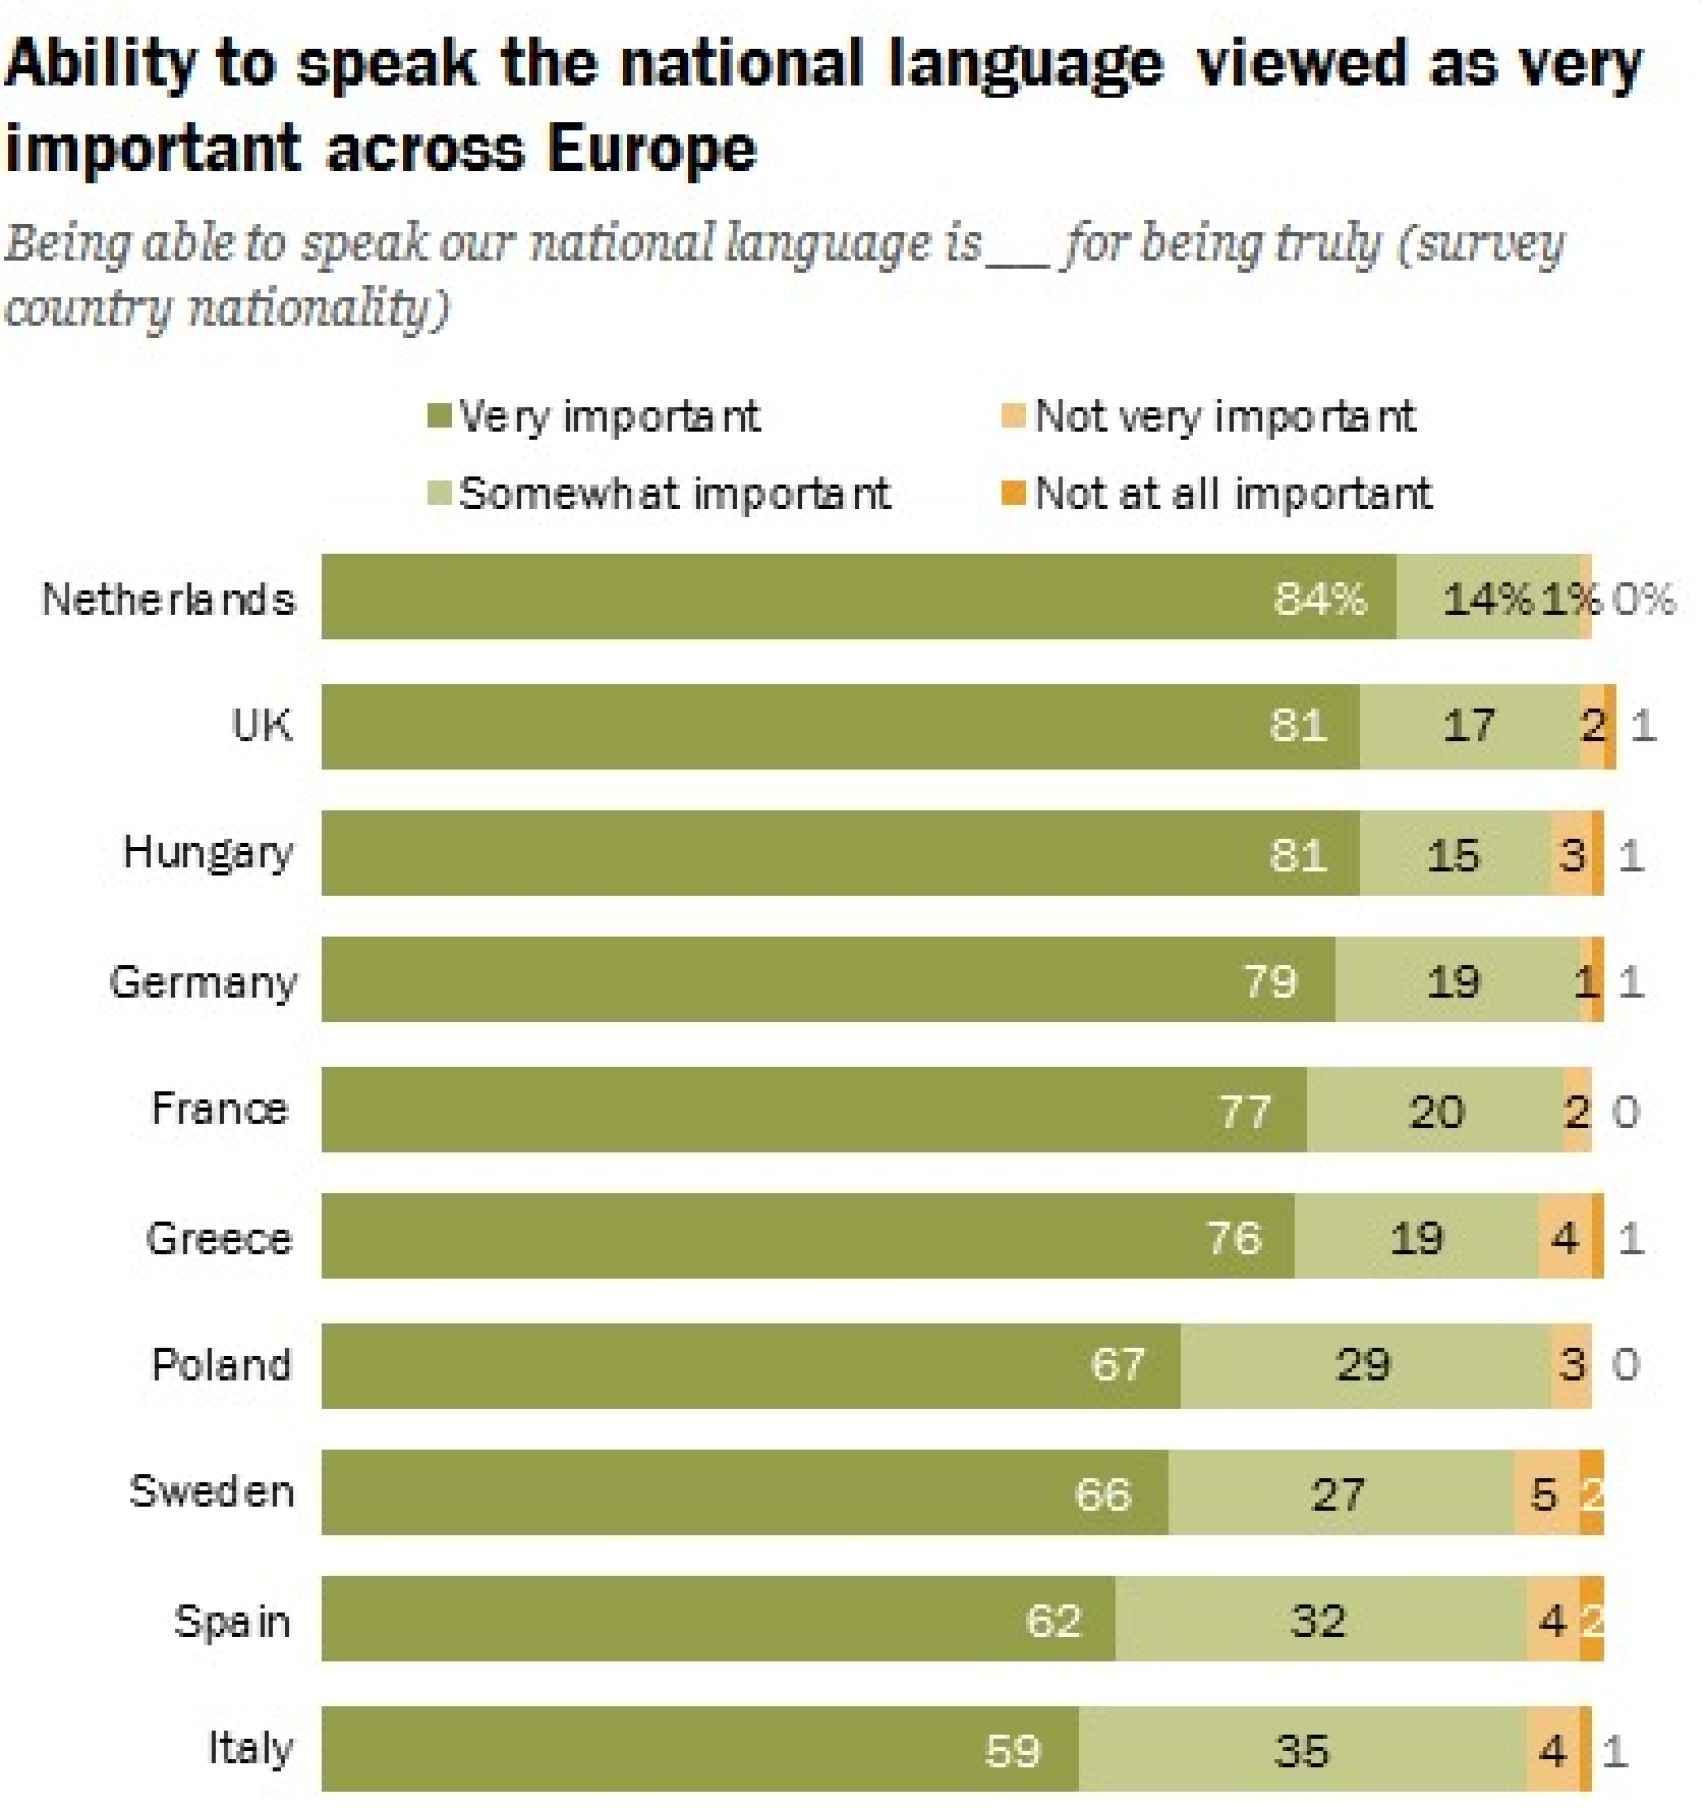 El gráfico que detalla qué importancia le conceden los países europeos al idioma nacional a la hora de crear identidad.